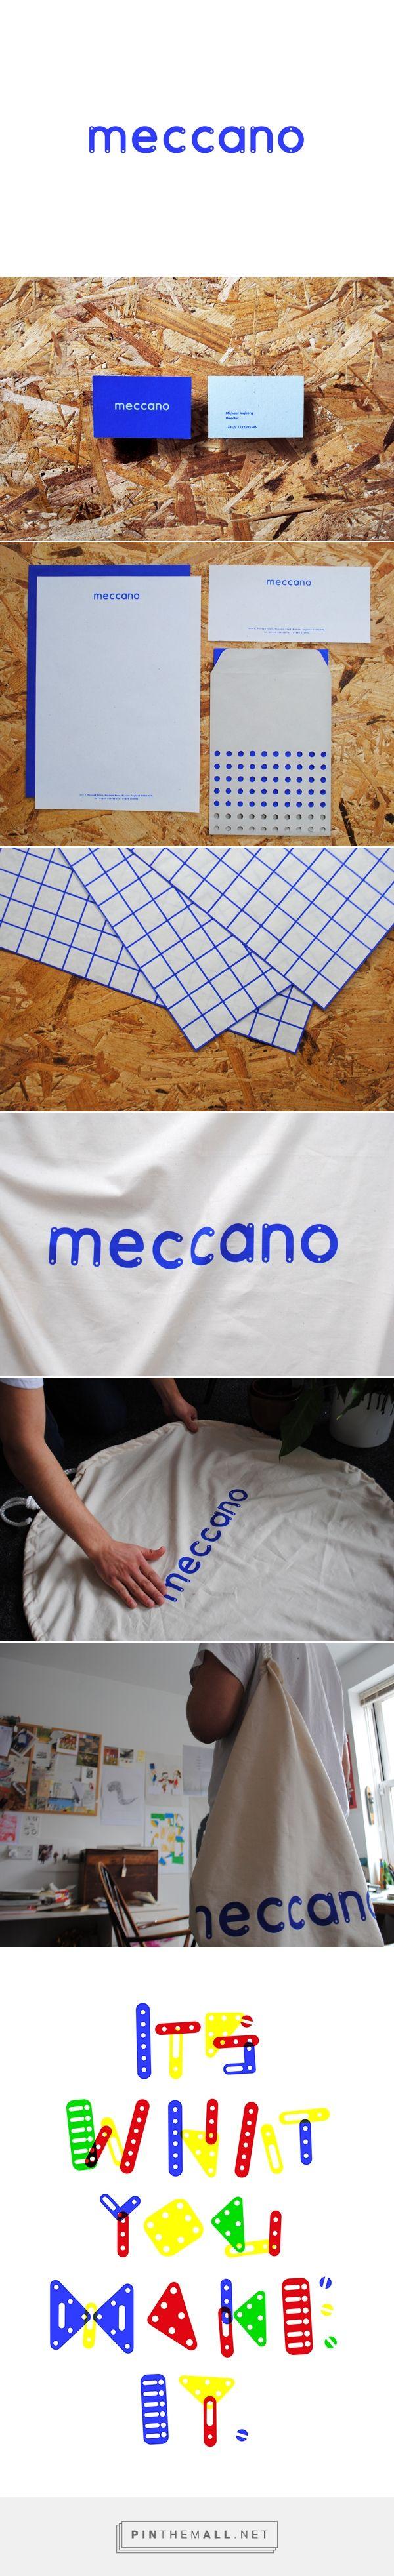 Meccano - Visual Identity